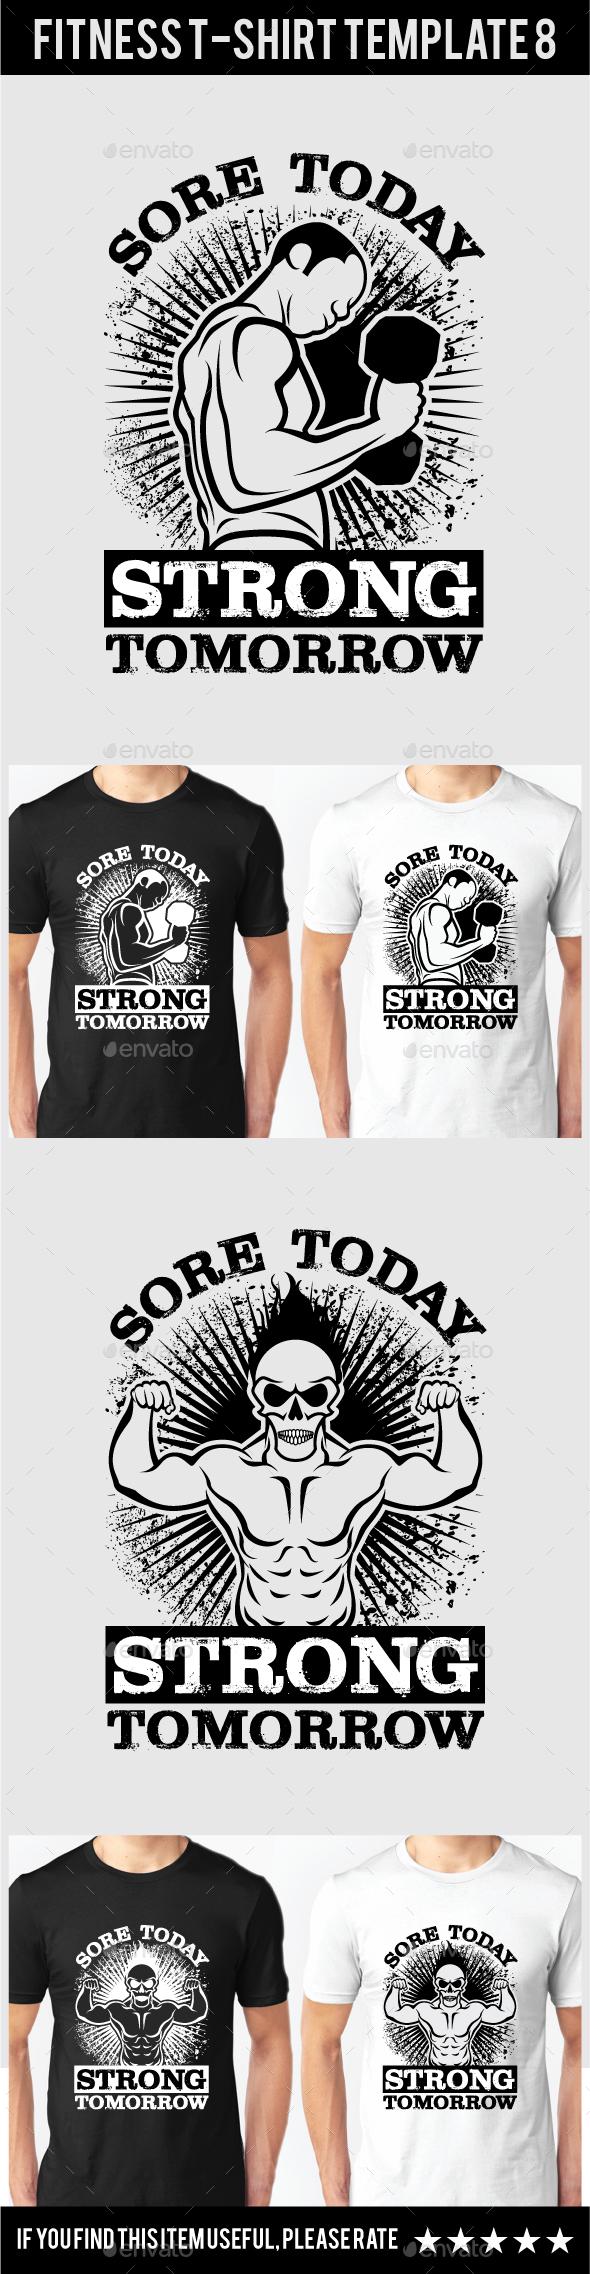 Fitness T-Shirt Template 8 - Grunge Designs